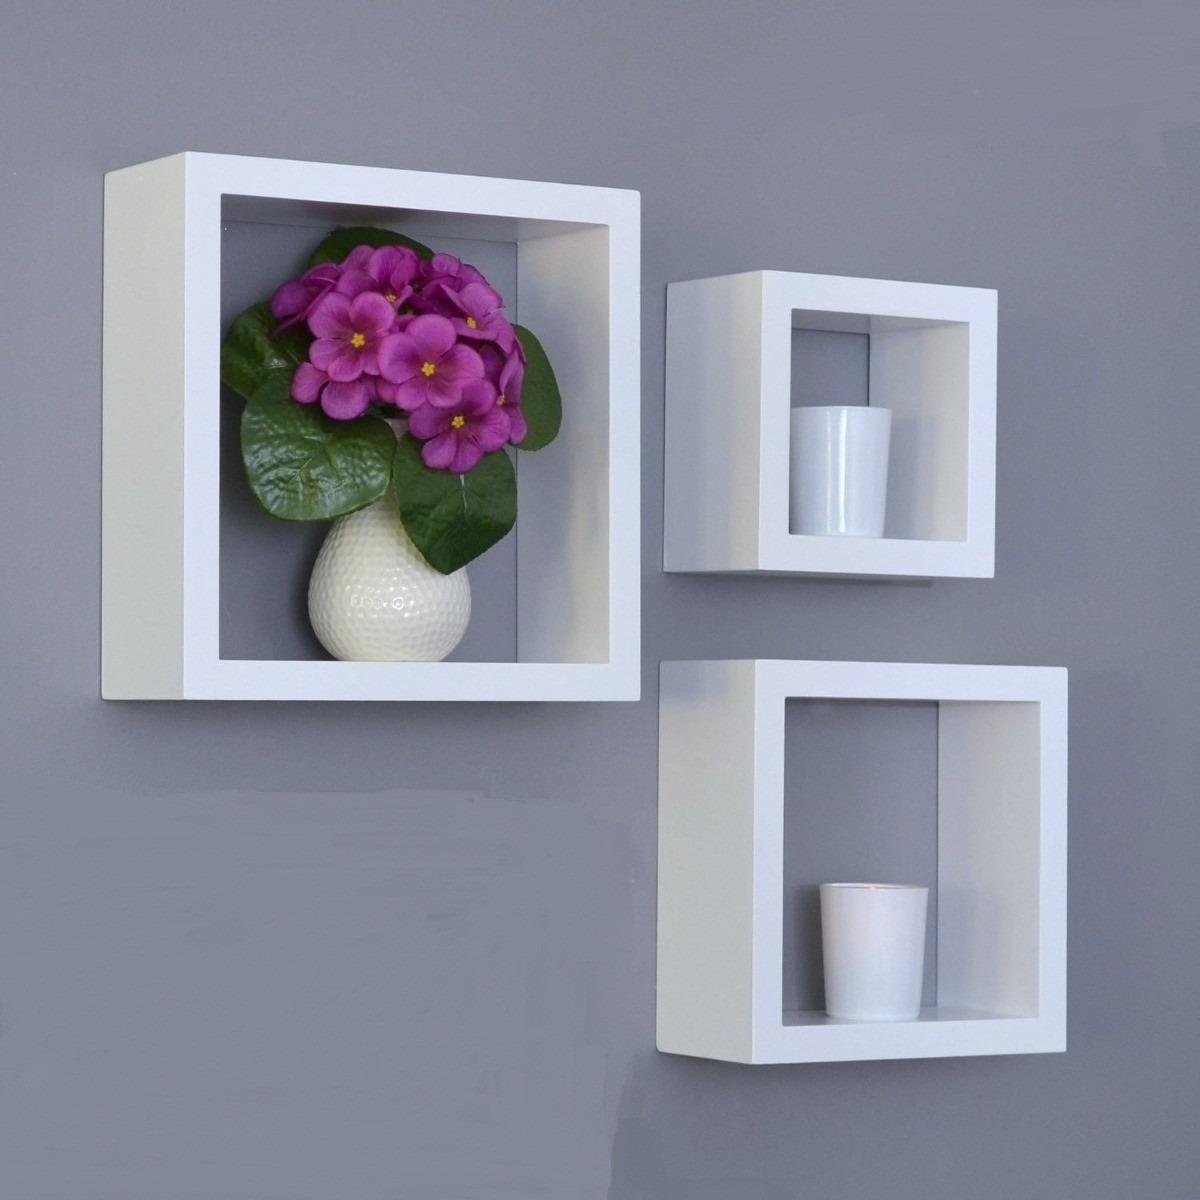 cubos repisas minimalista juego 3pzas modernas sala hogar bs en mercado libre. Black Bedroom Furniture Sets. Home Design Ideas